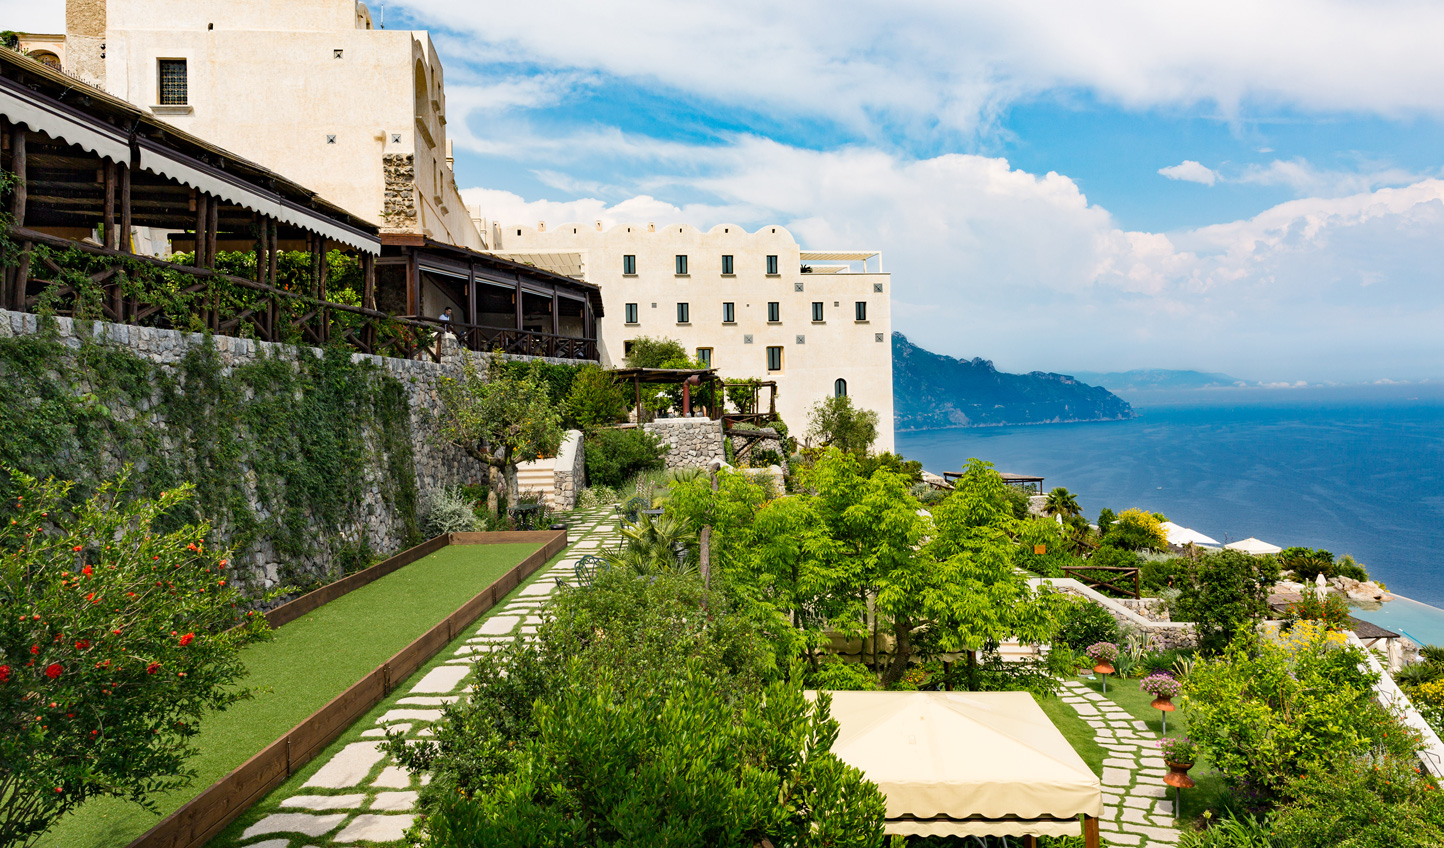 Stroll through the gardens or enjoy a game of boccia